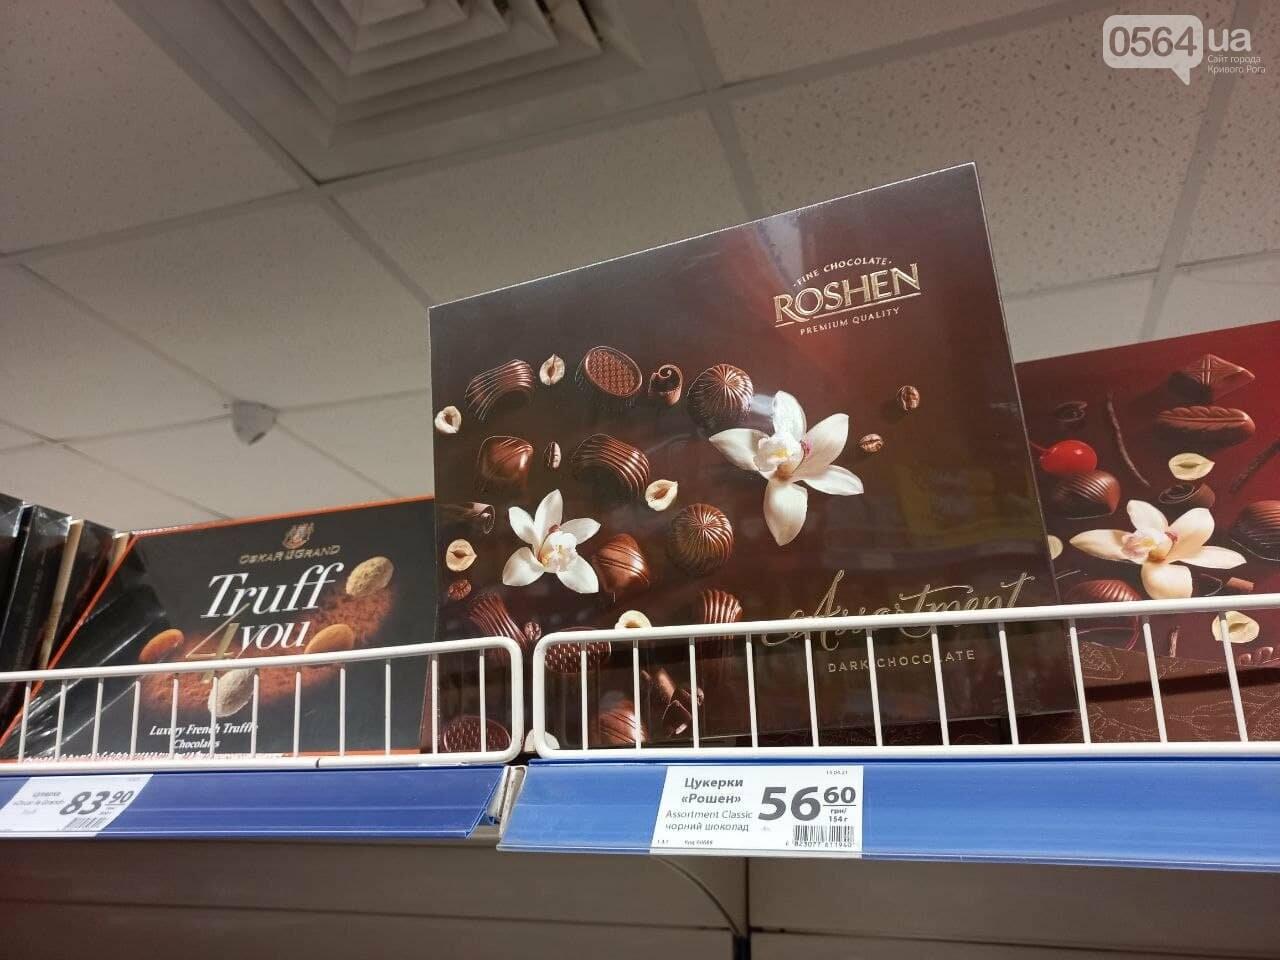 Пасхальная корзина 2021: сколько стоит традиционный праздничный набор продуктов в Кривом Роге, - ФОТО, фото-37